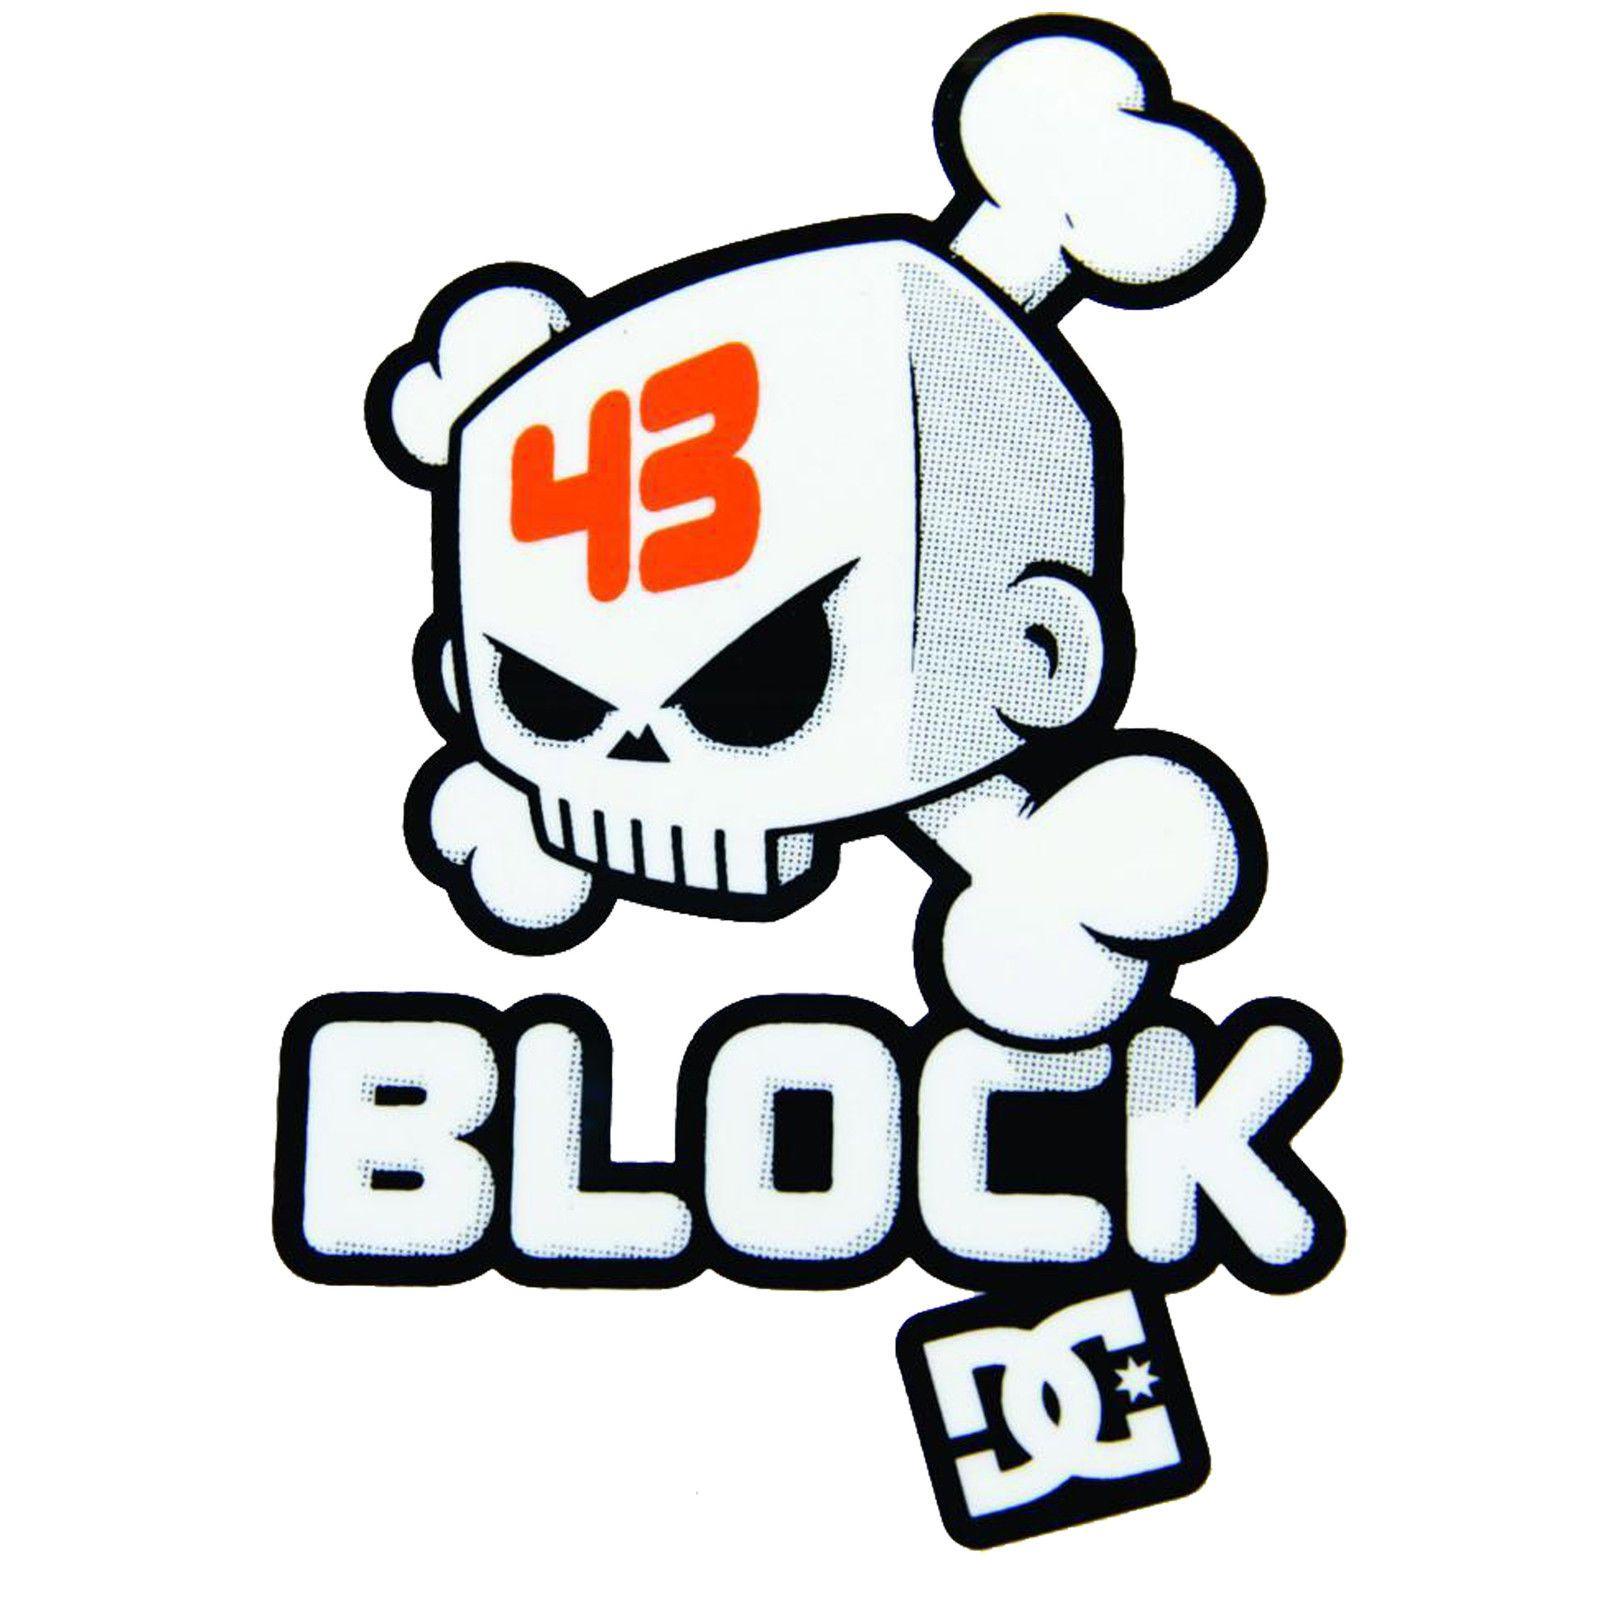 Ken Block Hoonigan Block Logo Childrens Wall Art Sticker Vinyl Transfer Ken Block Sticker Bomb Stickers